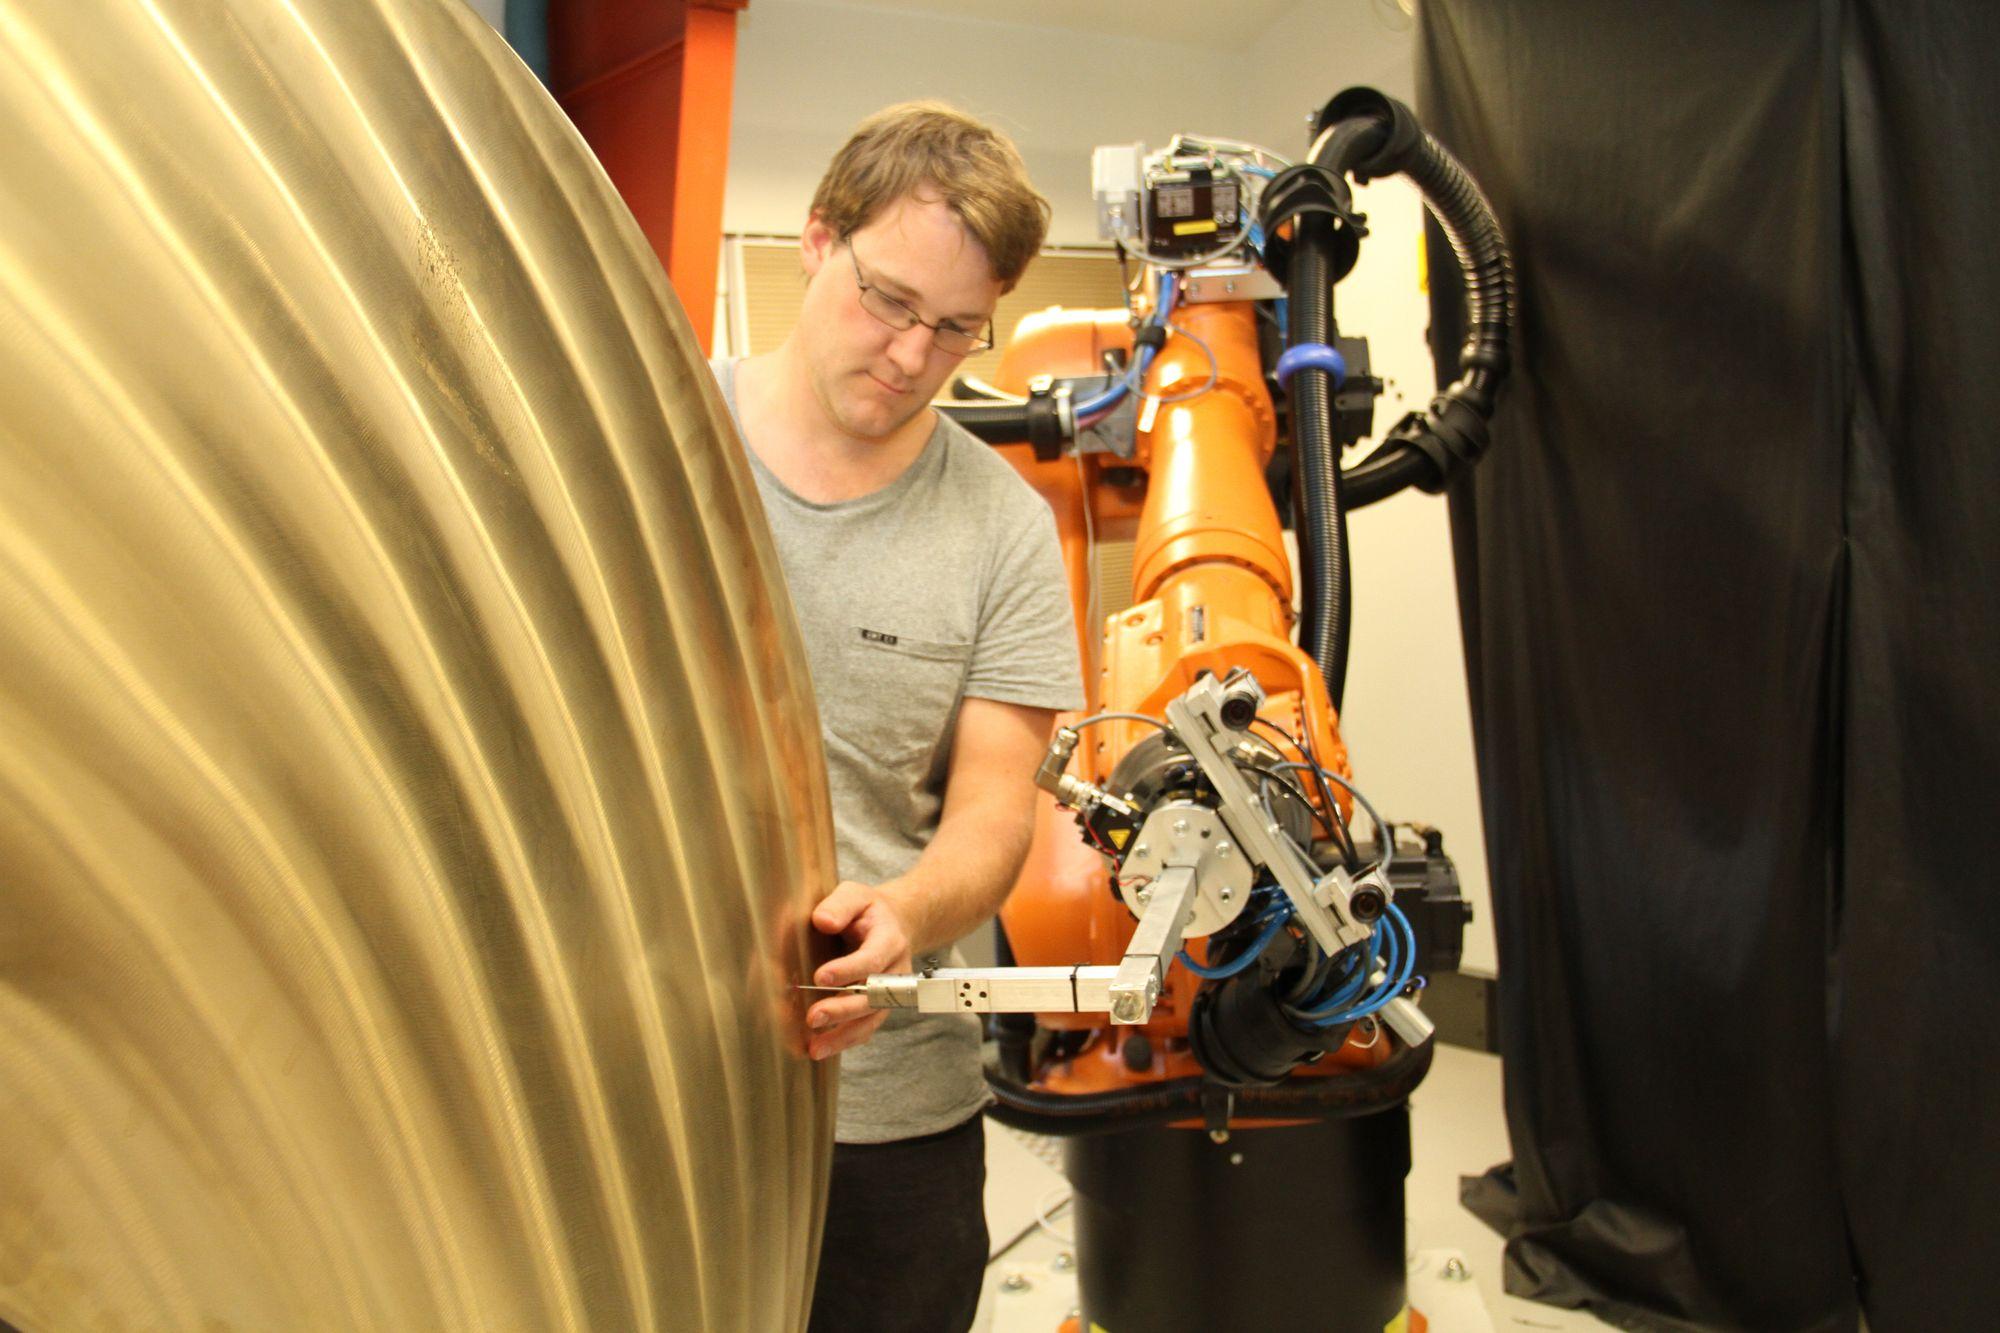 Ådne Solhaug Linnerud på Sintef Manufacturing på Raufoss har hjulpet til med å utvikle en nøyaktig sliperobot til Oshaug Metall. Resultatene av det prosjektet brukes videre i arbeidet for å overflødiggjøre modellene.